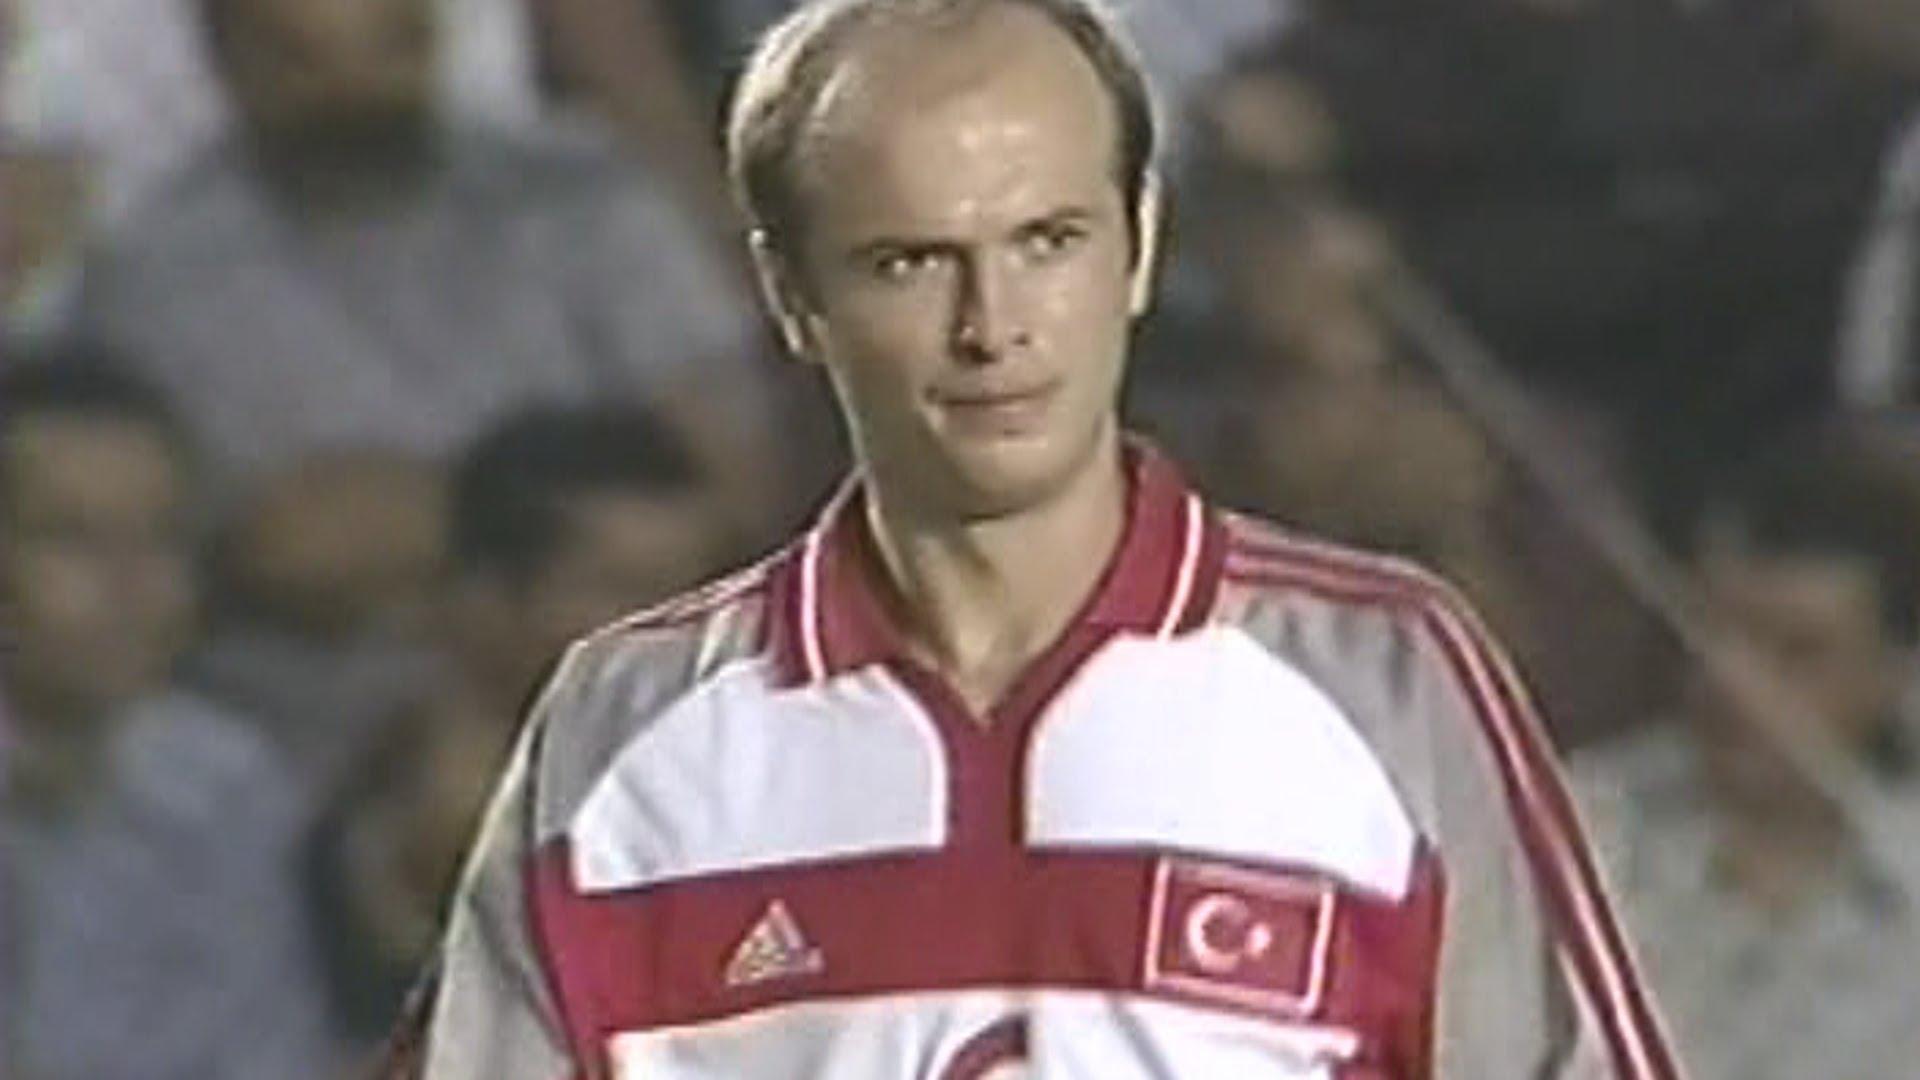 Abdullah Ercan, Türk futbolcu